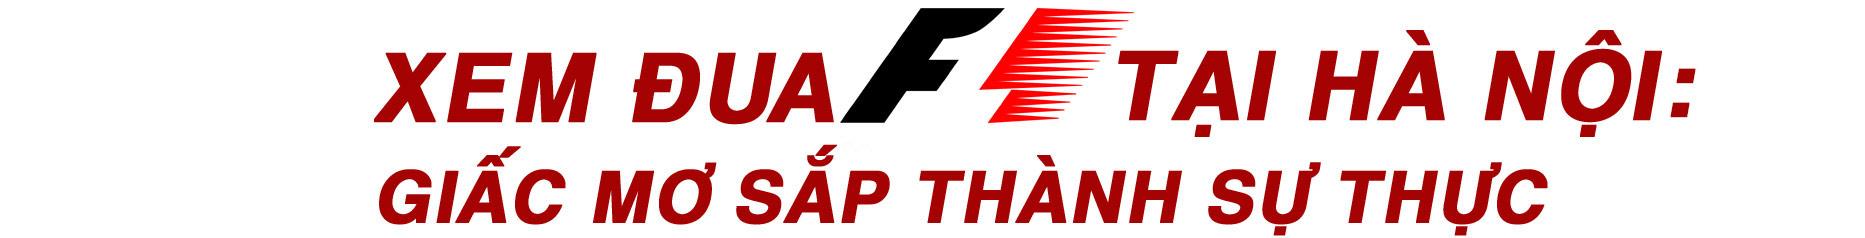 Việt Nam đăng cai F1: Cú hích lịch sử và giấc mơ sắp thành sự thực - 7